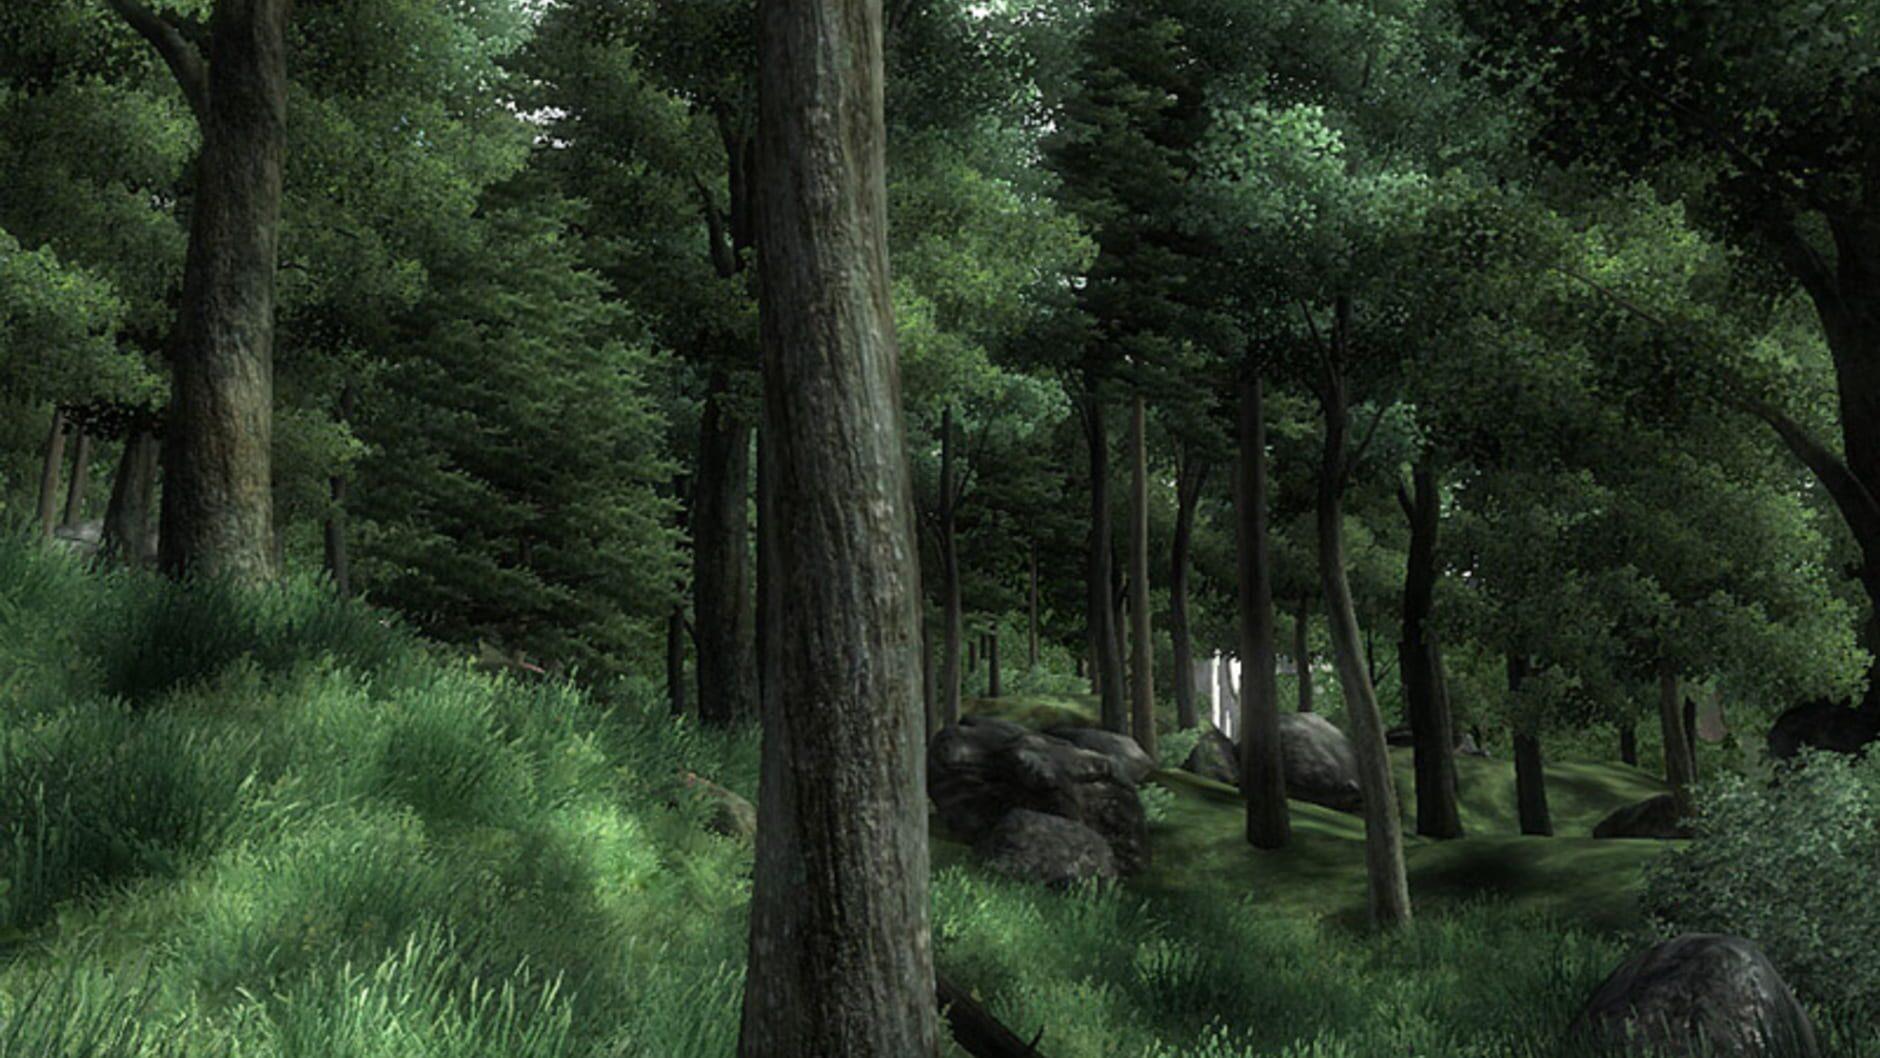 The Elder Scrolls IV: Oblivion - 4